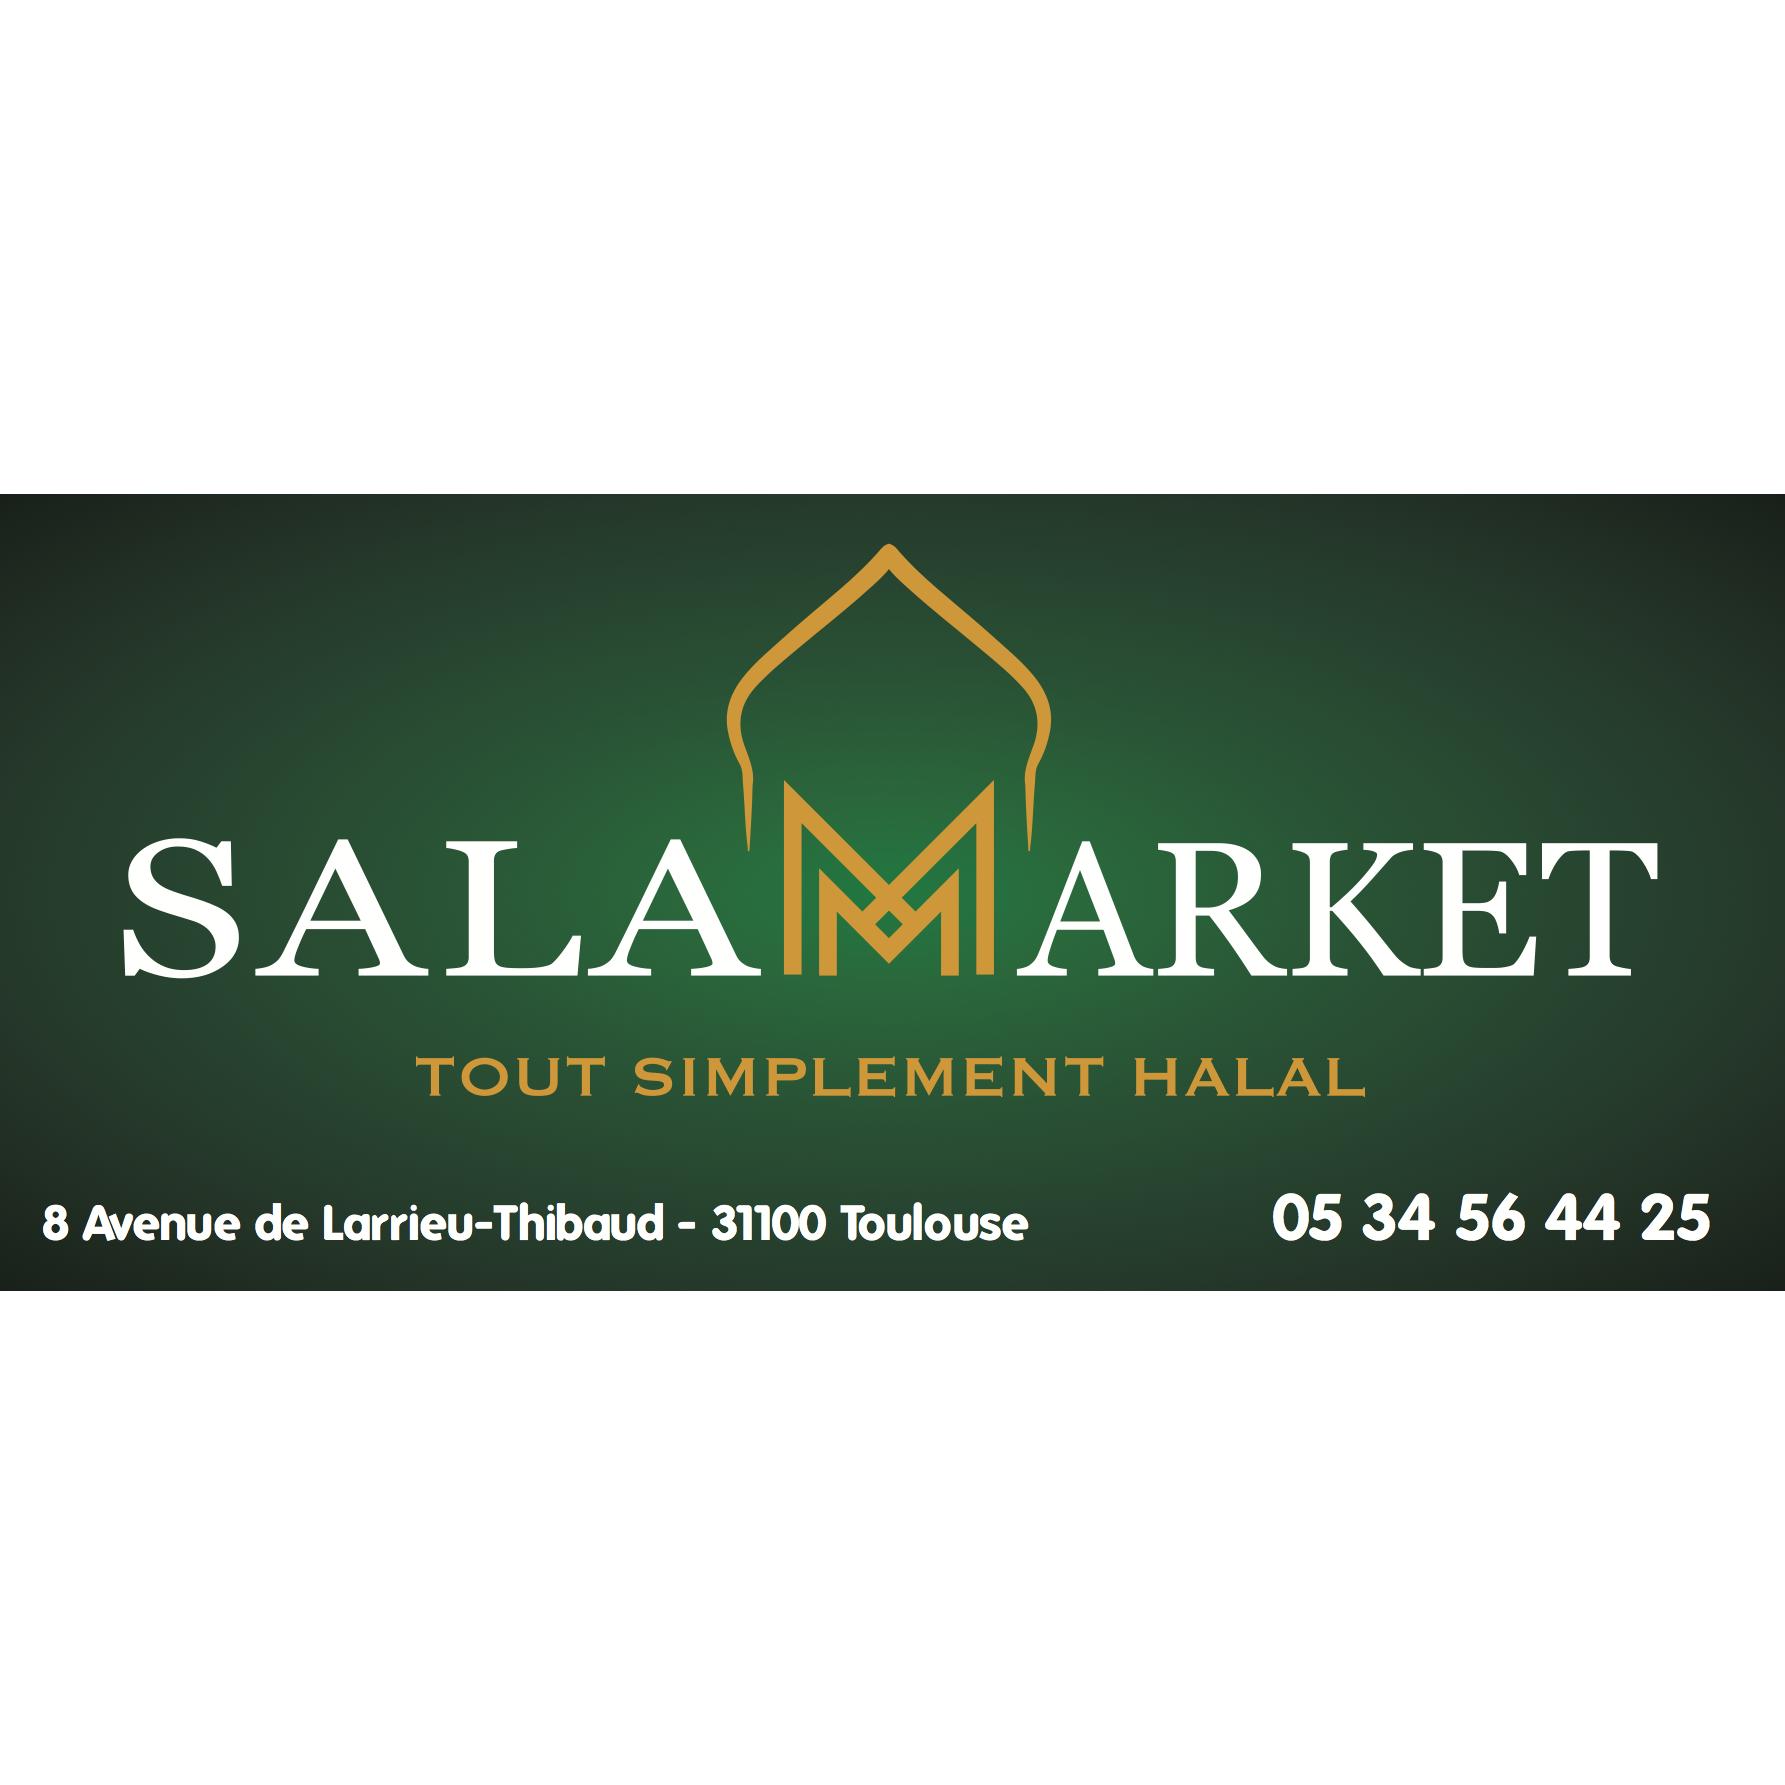 salamarket-logo